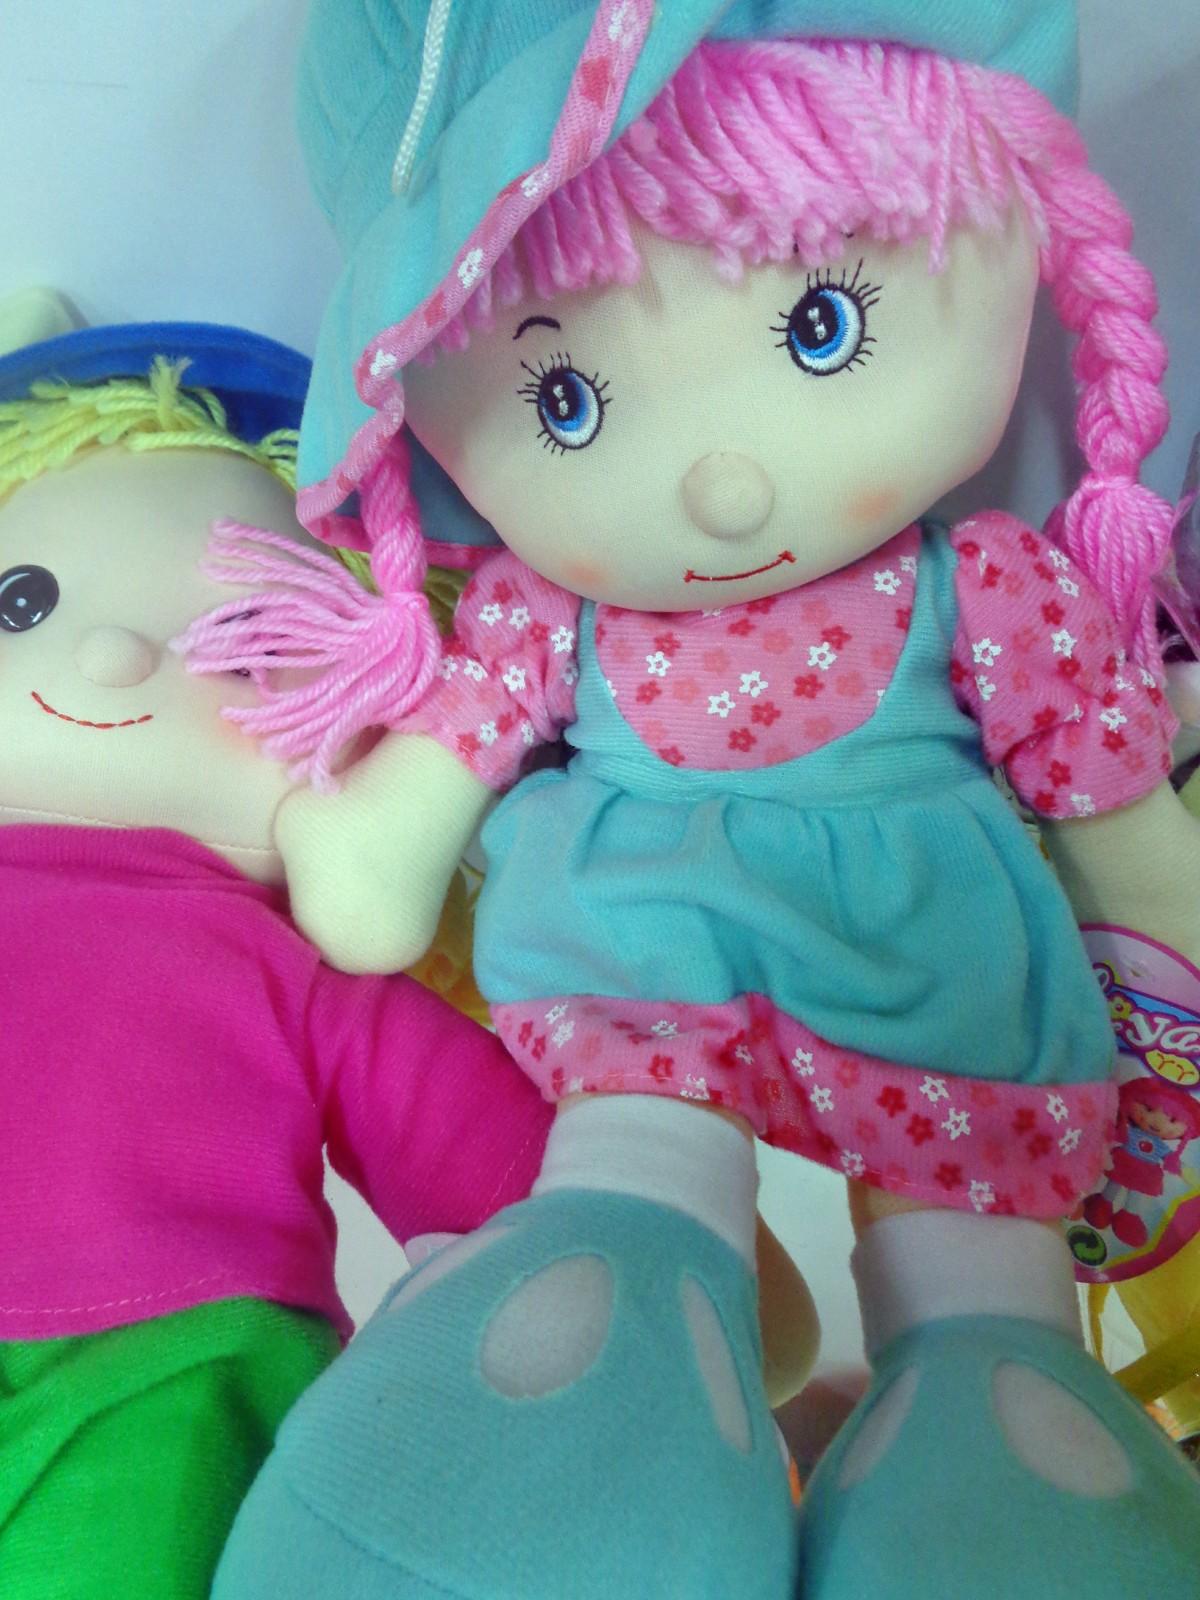 무료 이미지 : 놀이, 귀엽다, 노랑, 담홍색, 장난감, 드레스, 작은 ...